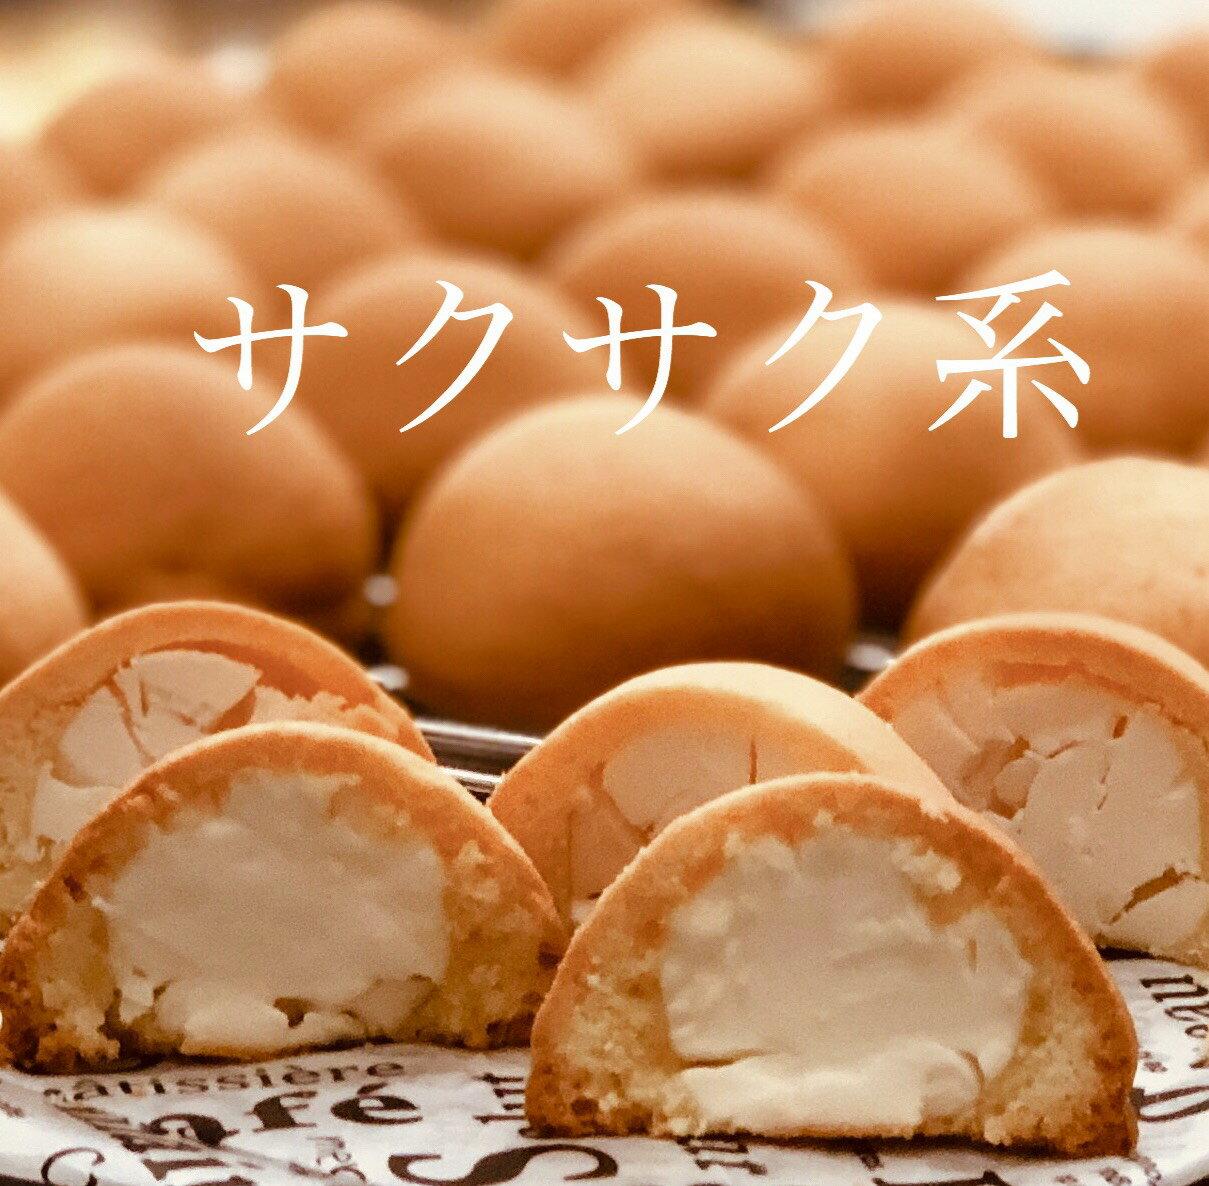 チーズまんじゅうのオハナ 焼きたてをその日に発送 手作りチーズまんじゅう10個(箱入り)冷たいスイーツ 宮崎銘菓